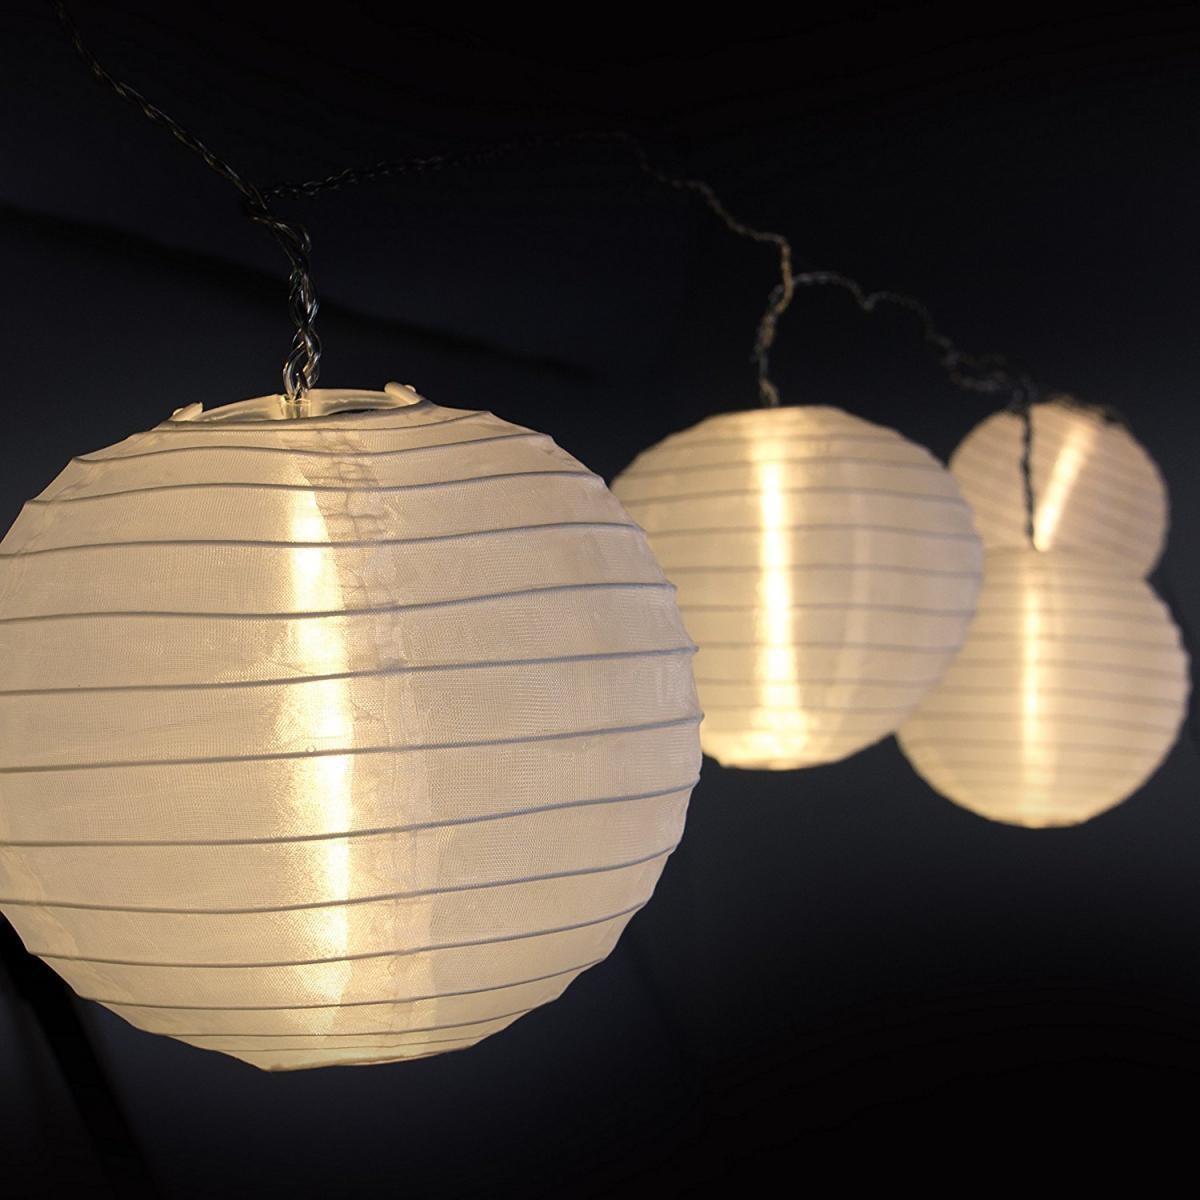 Bild 2 von Plaights LED-Sommerlichterkette weiß